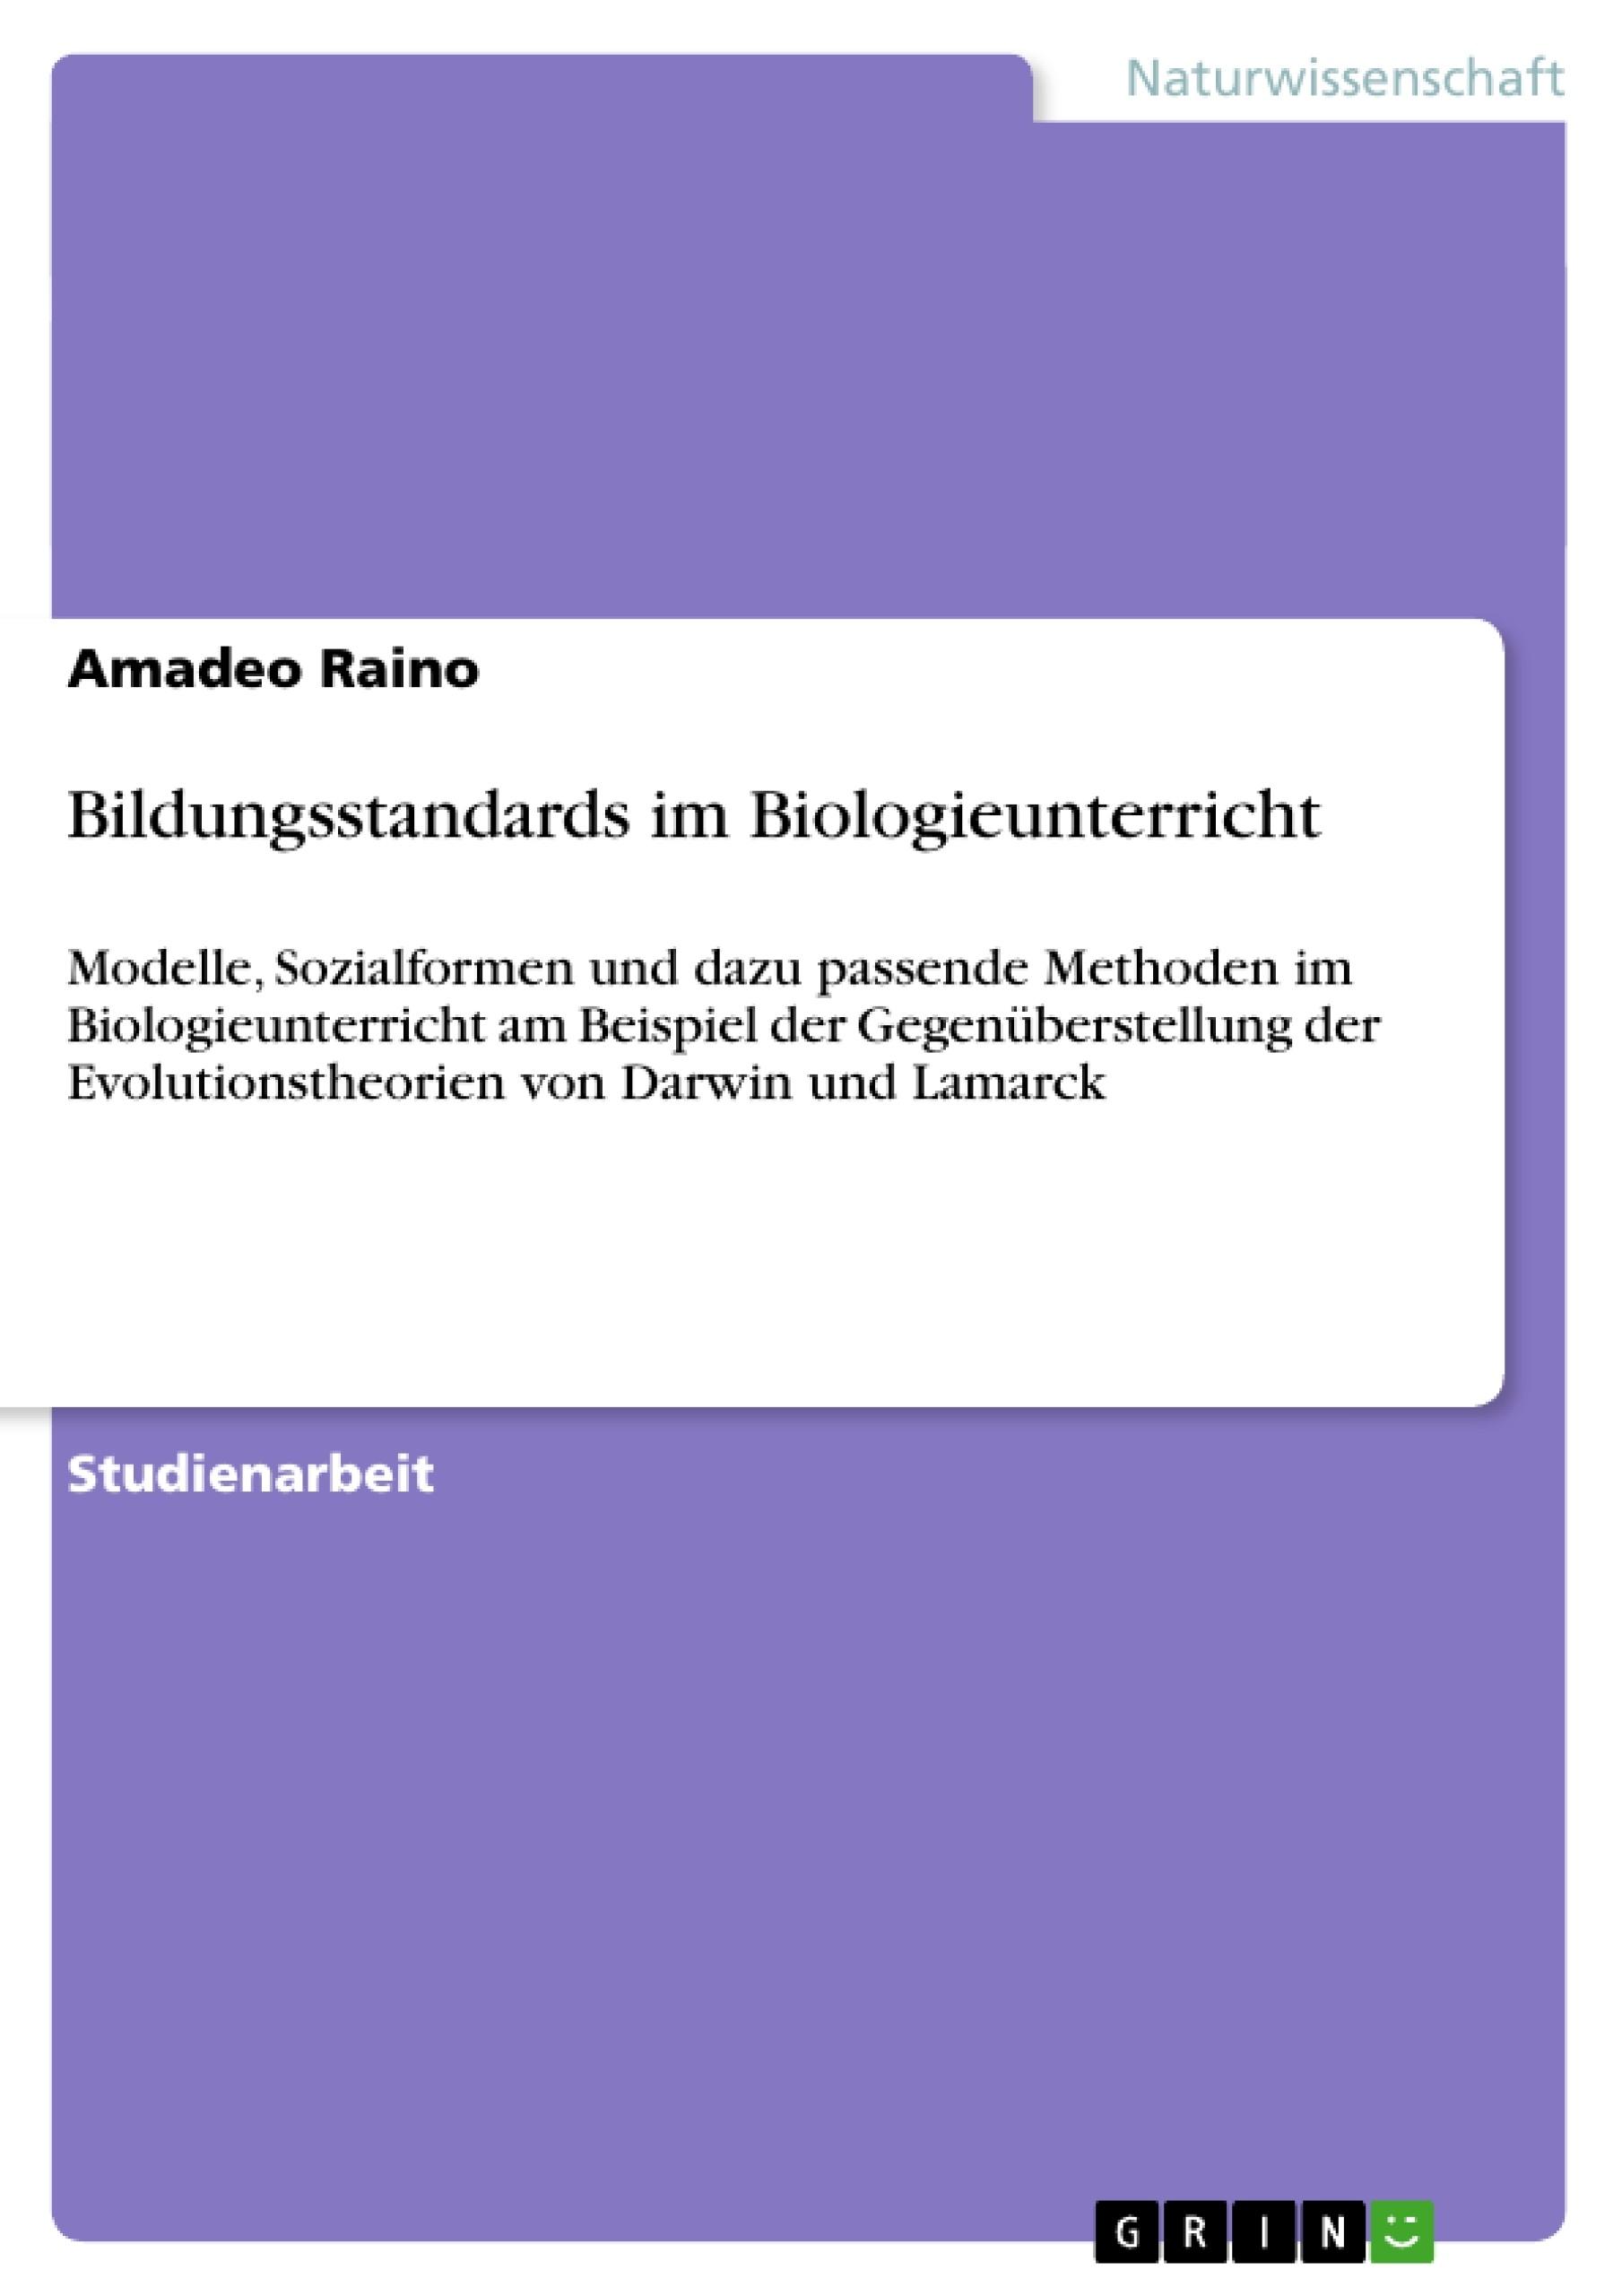 Bildungsstandards im Biologieunterricht | Masterarbeit, Hausarbeit ...